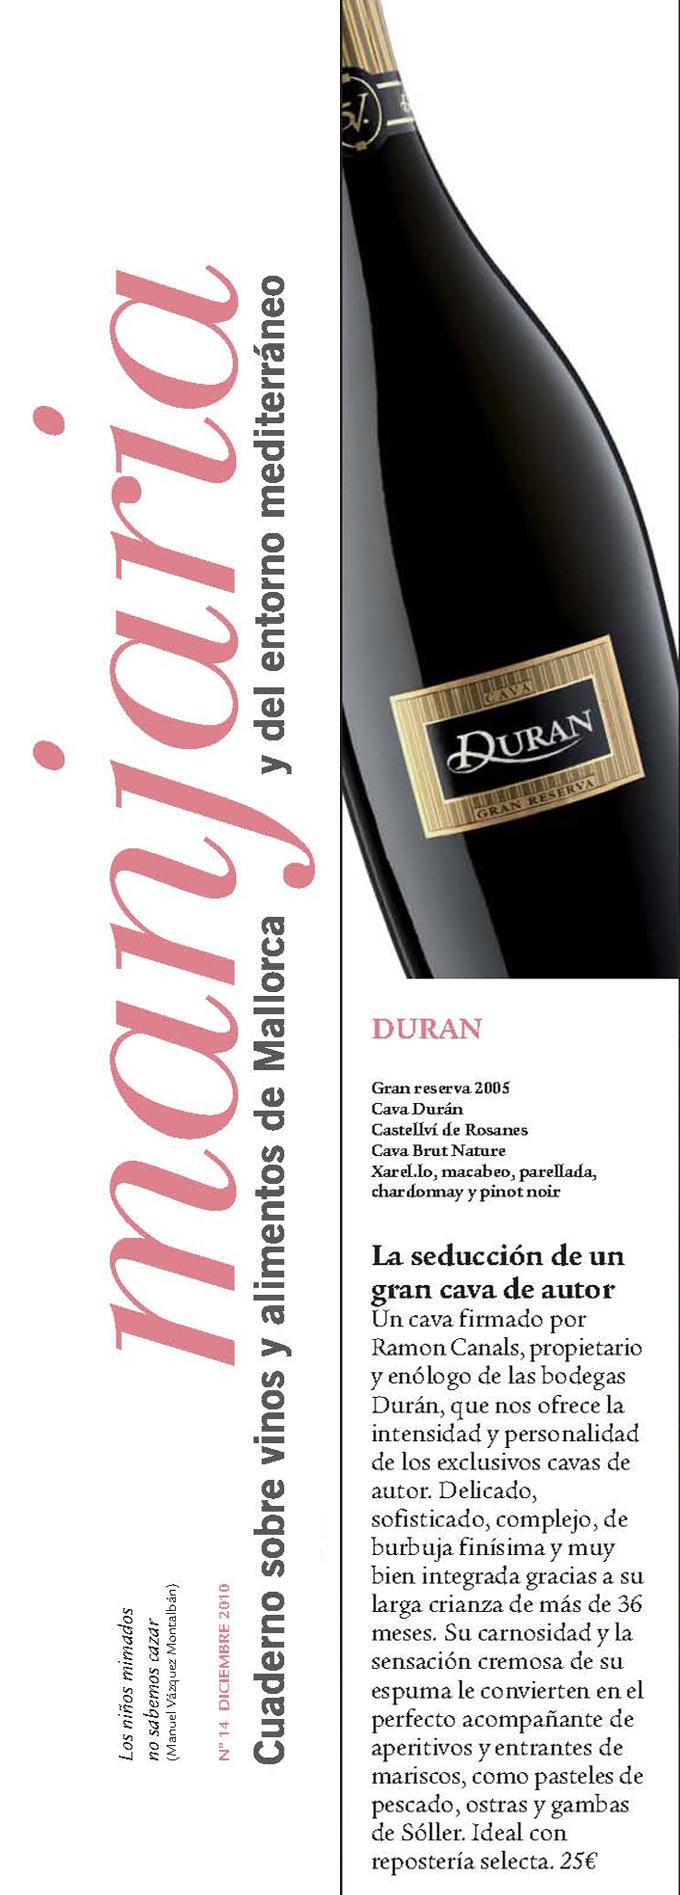 Menjaria - Mallorca - Duran 5V Gran Reserva